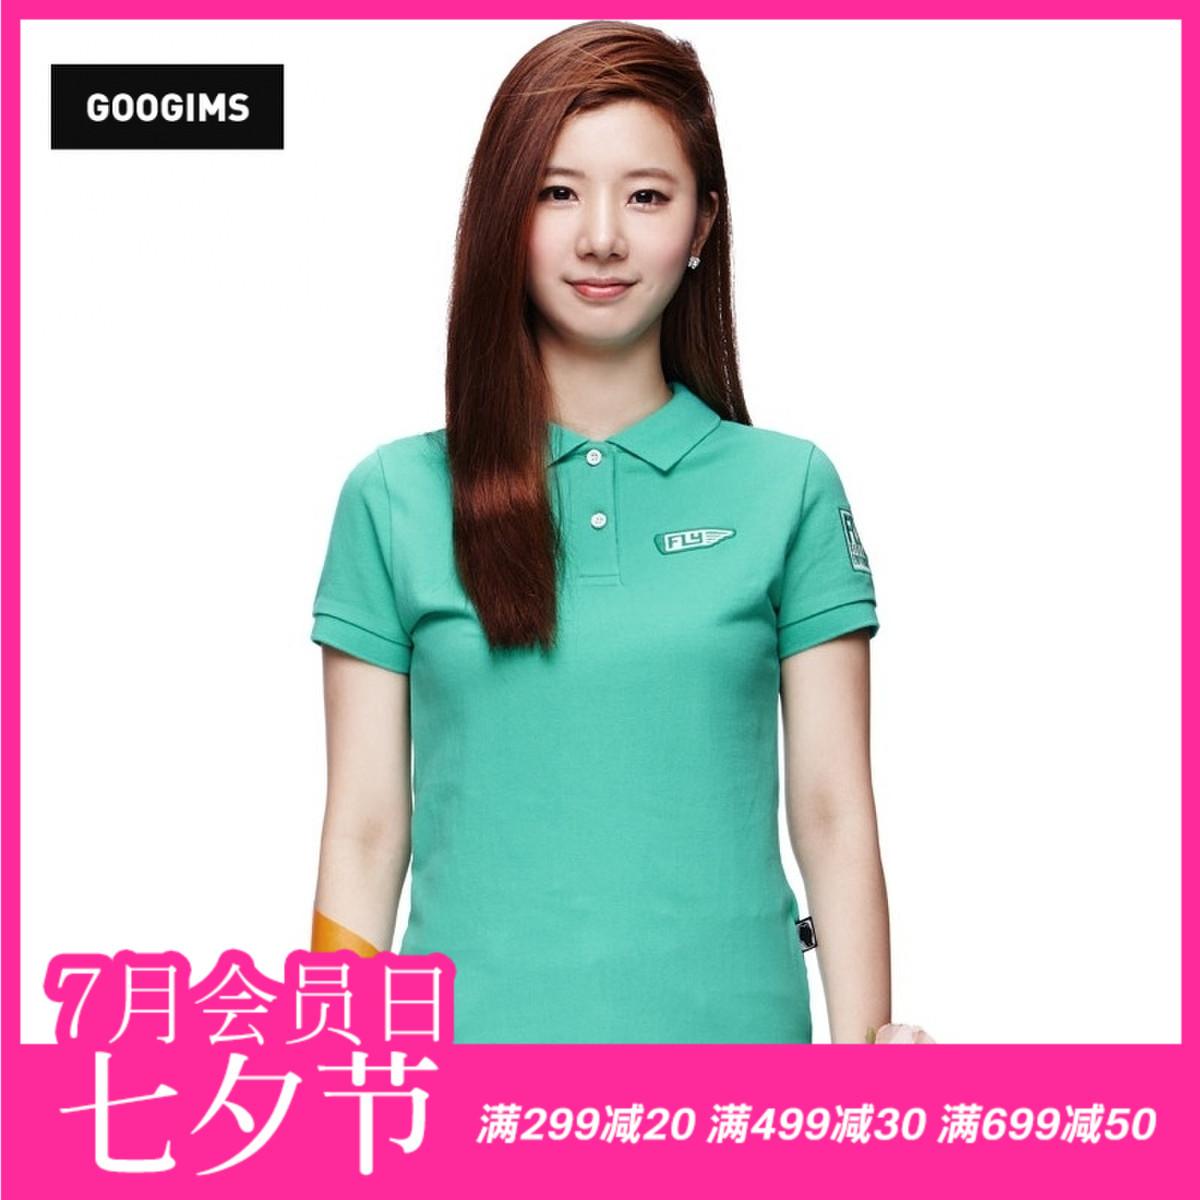 韩国新品GOOGIMS韩版2019夏季羽翼纯色色正品薄荷款a新品POLO衫